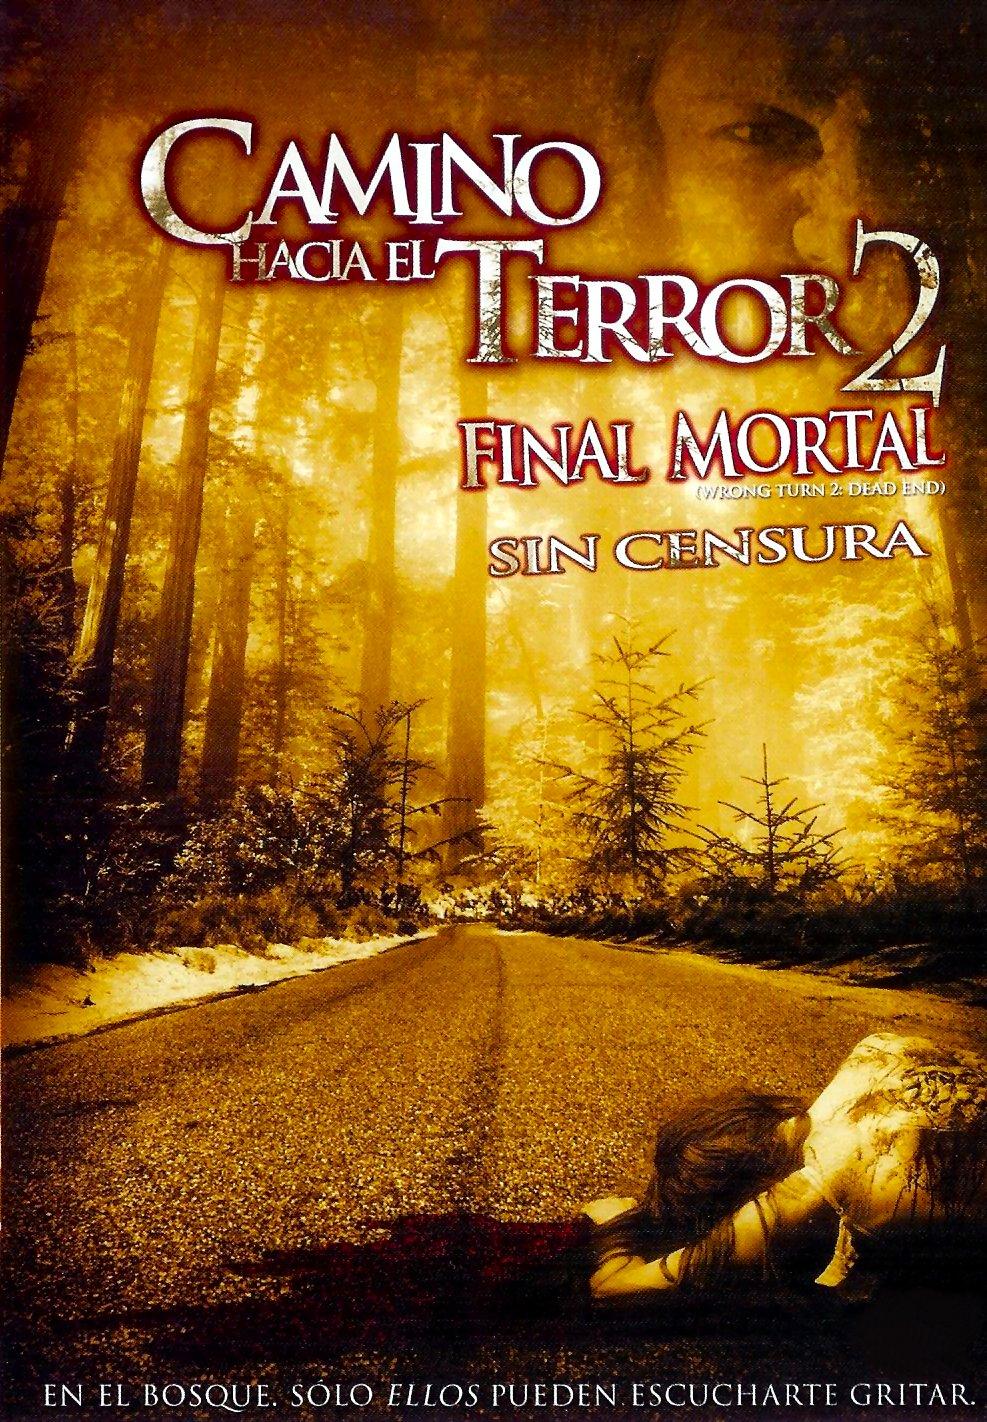 Camino hacia el terror 2